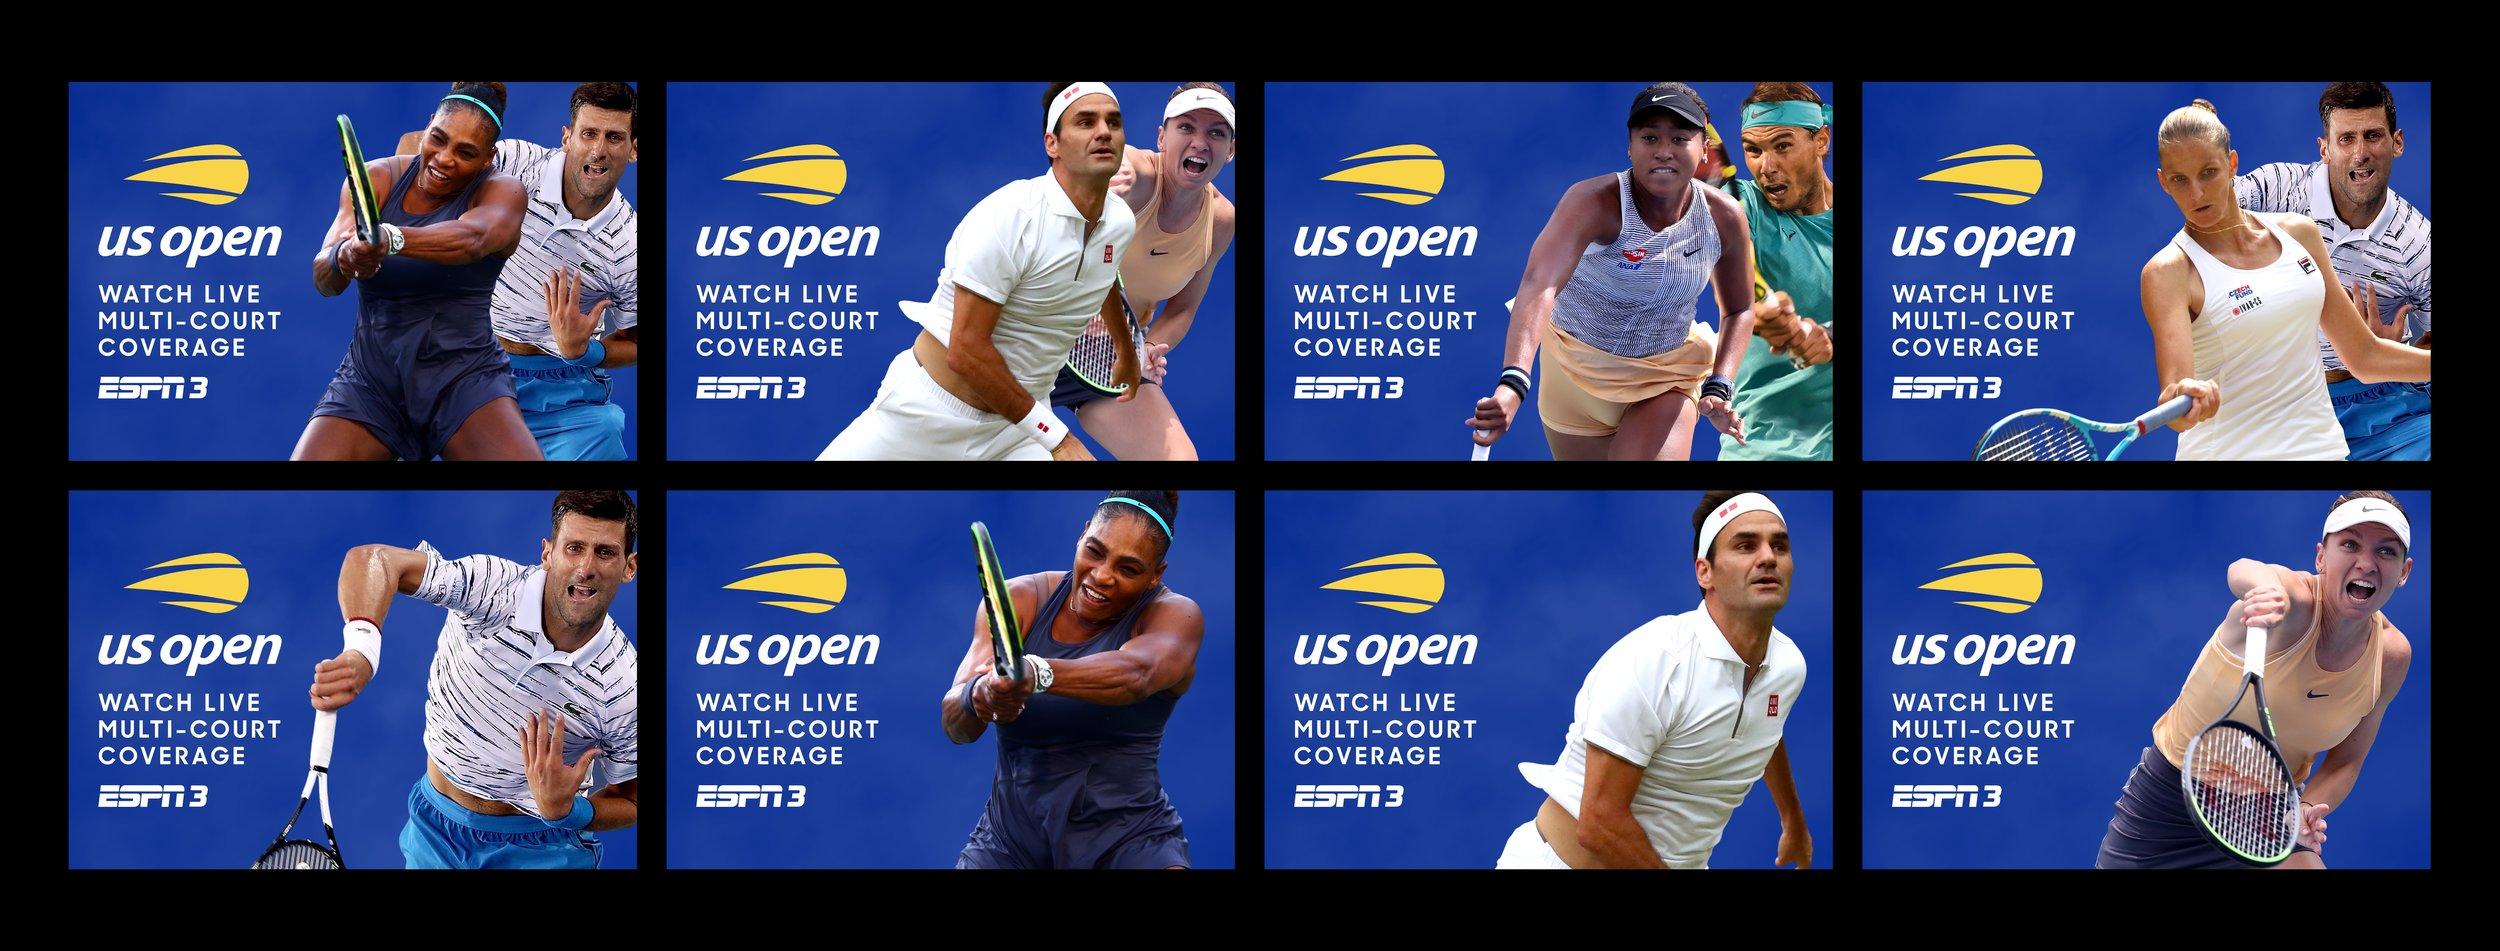 US_Open_Tennis.jpg